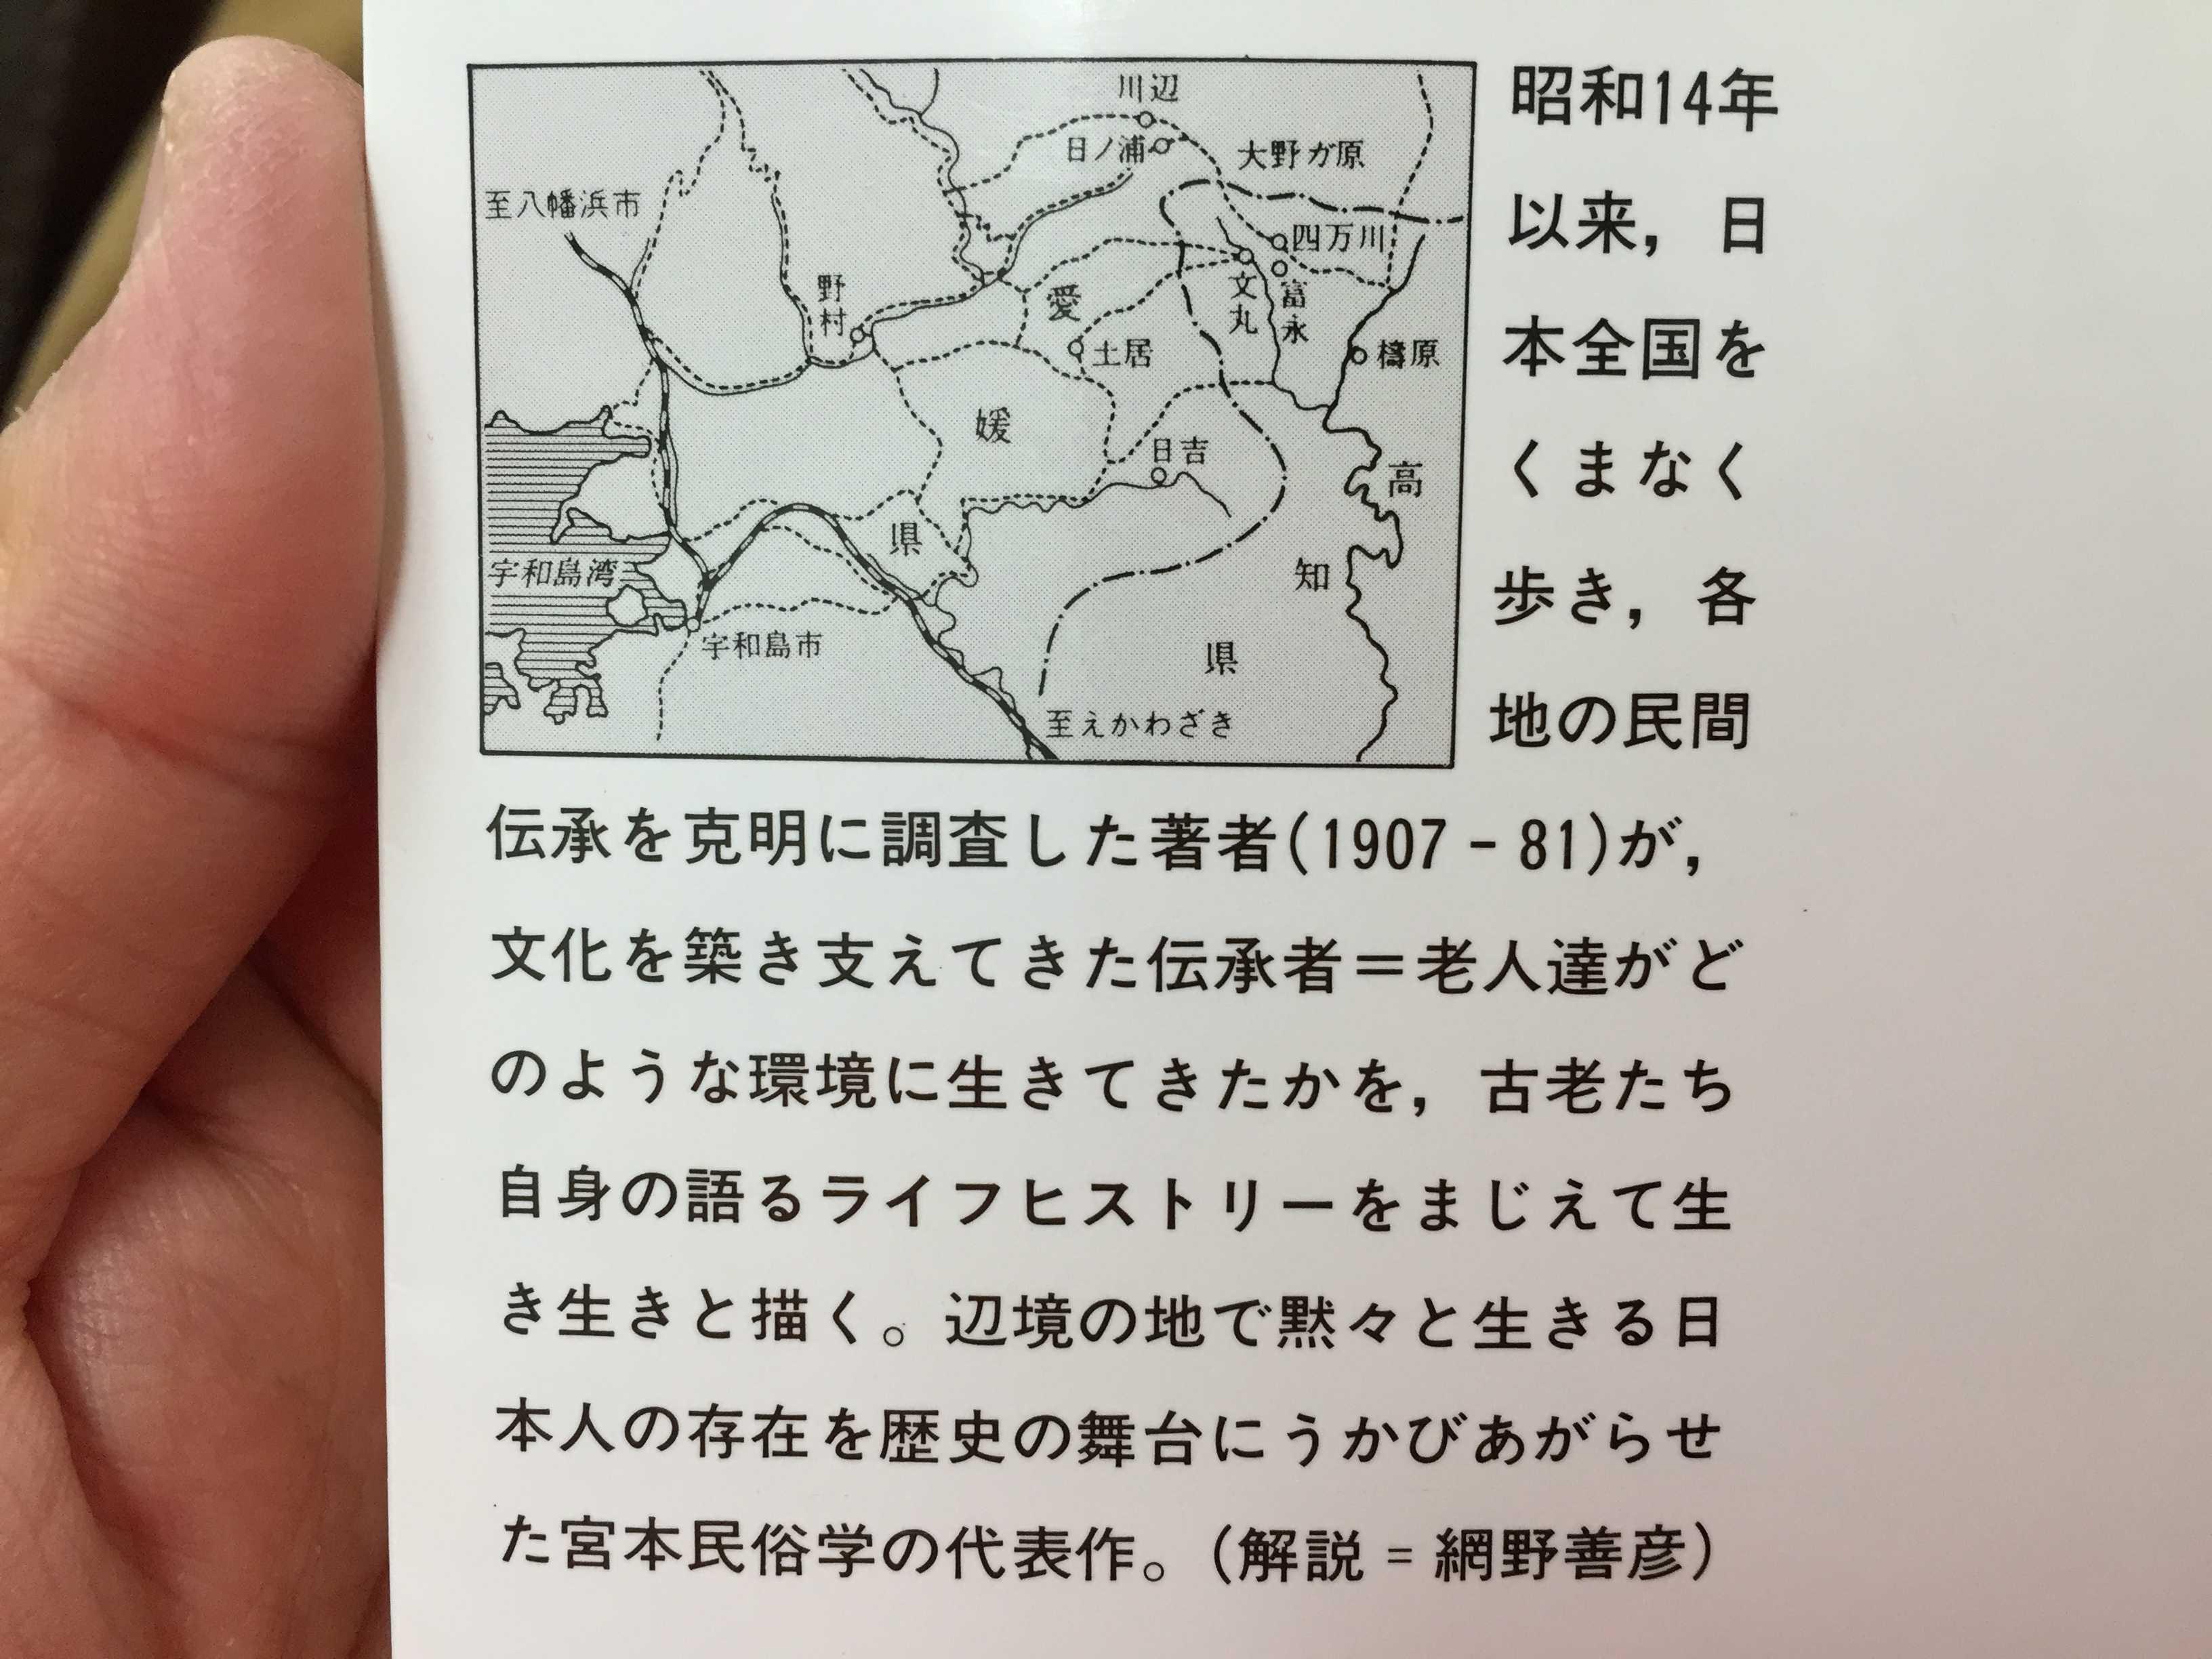 忘れられた日本人 - 宮本民俗学の代表作